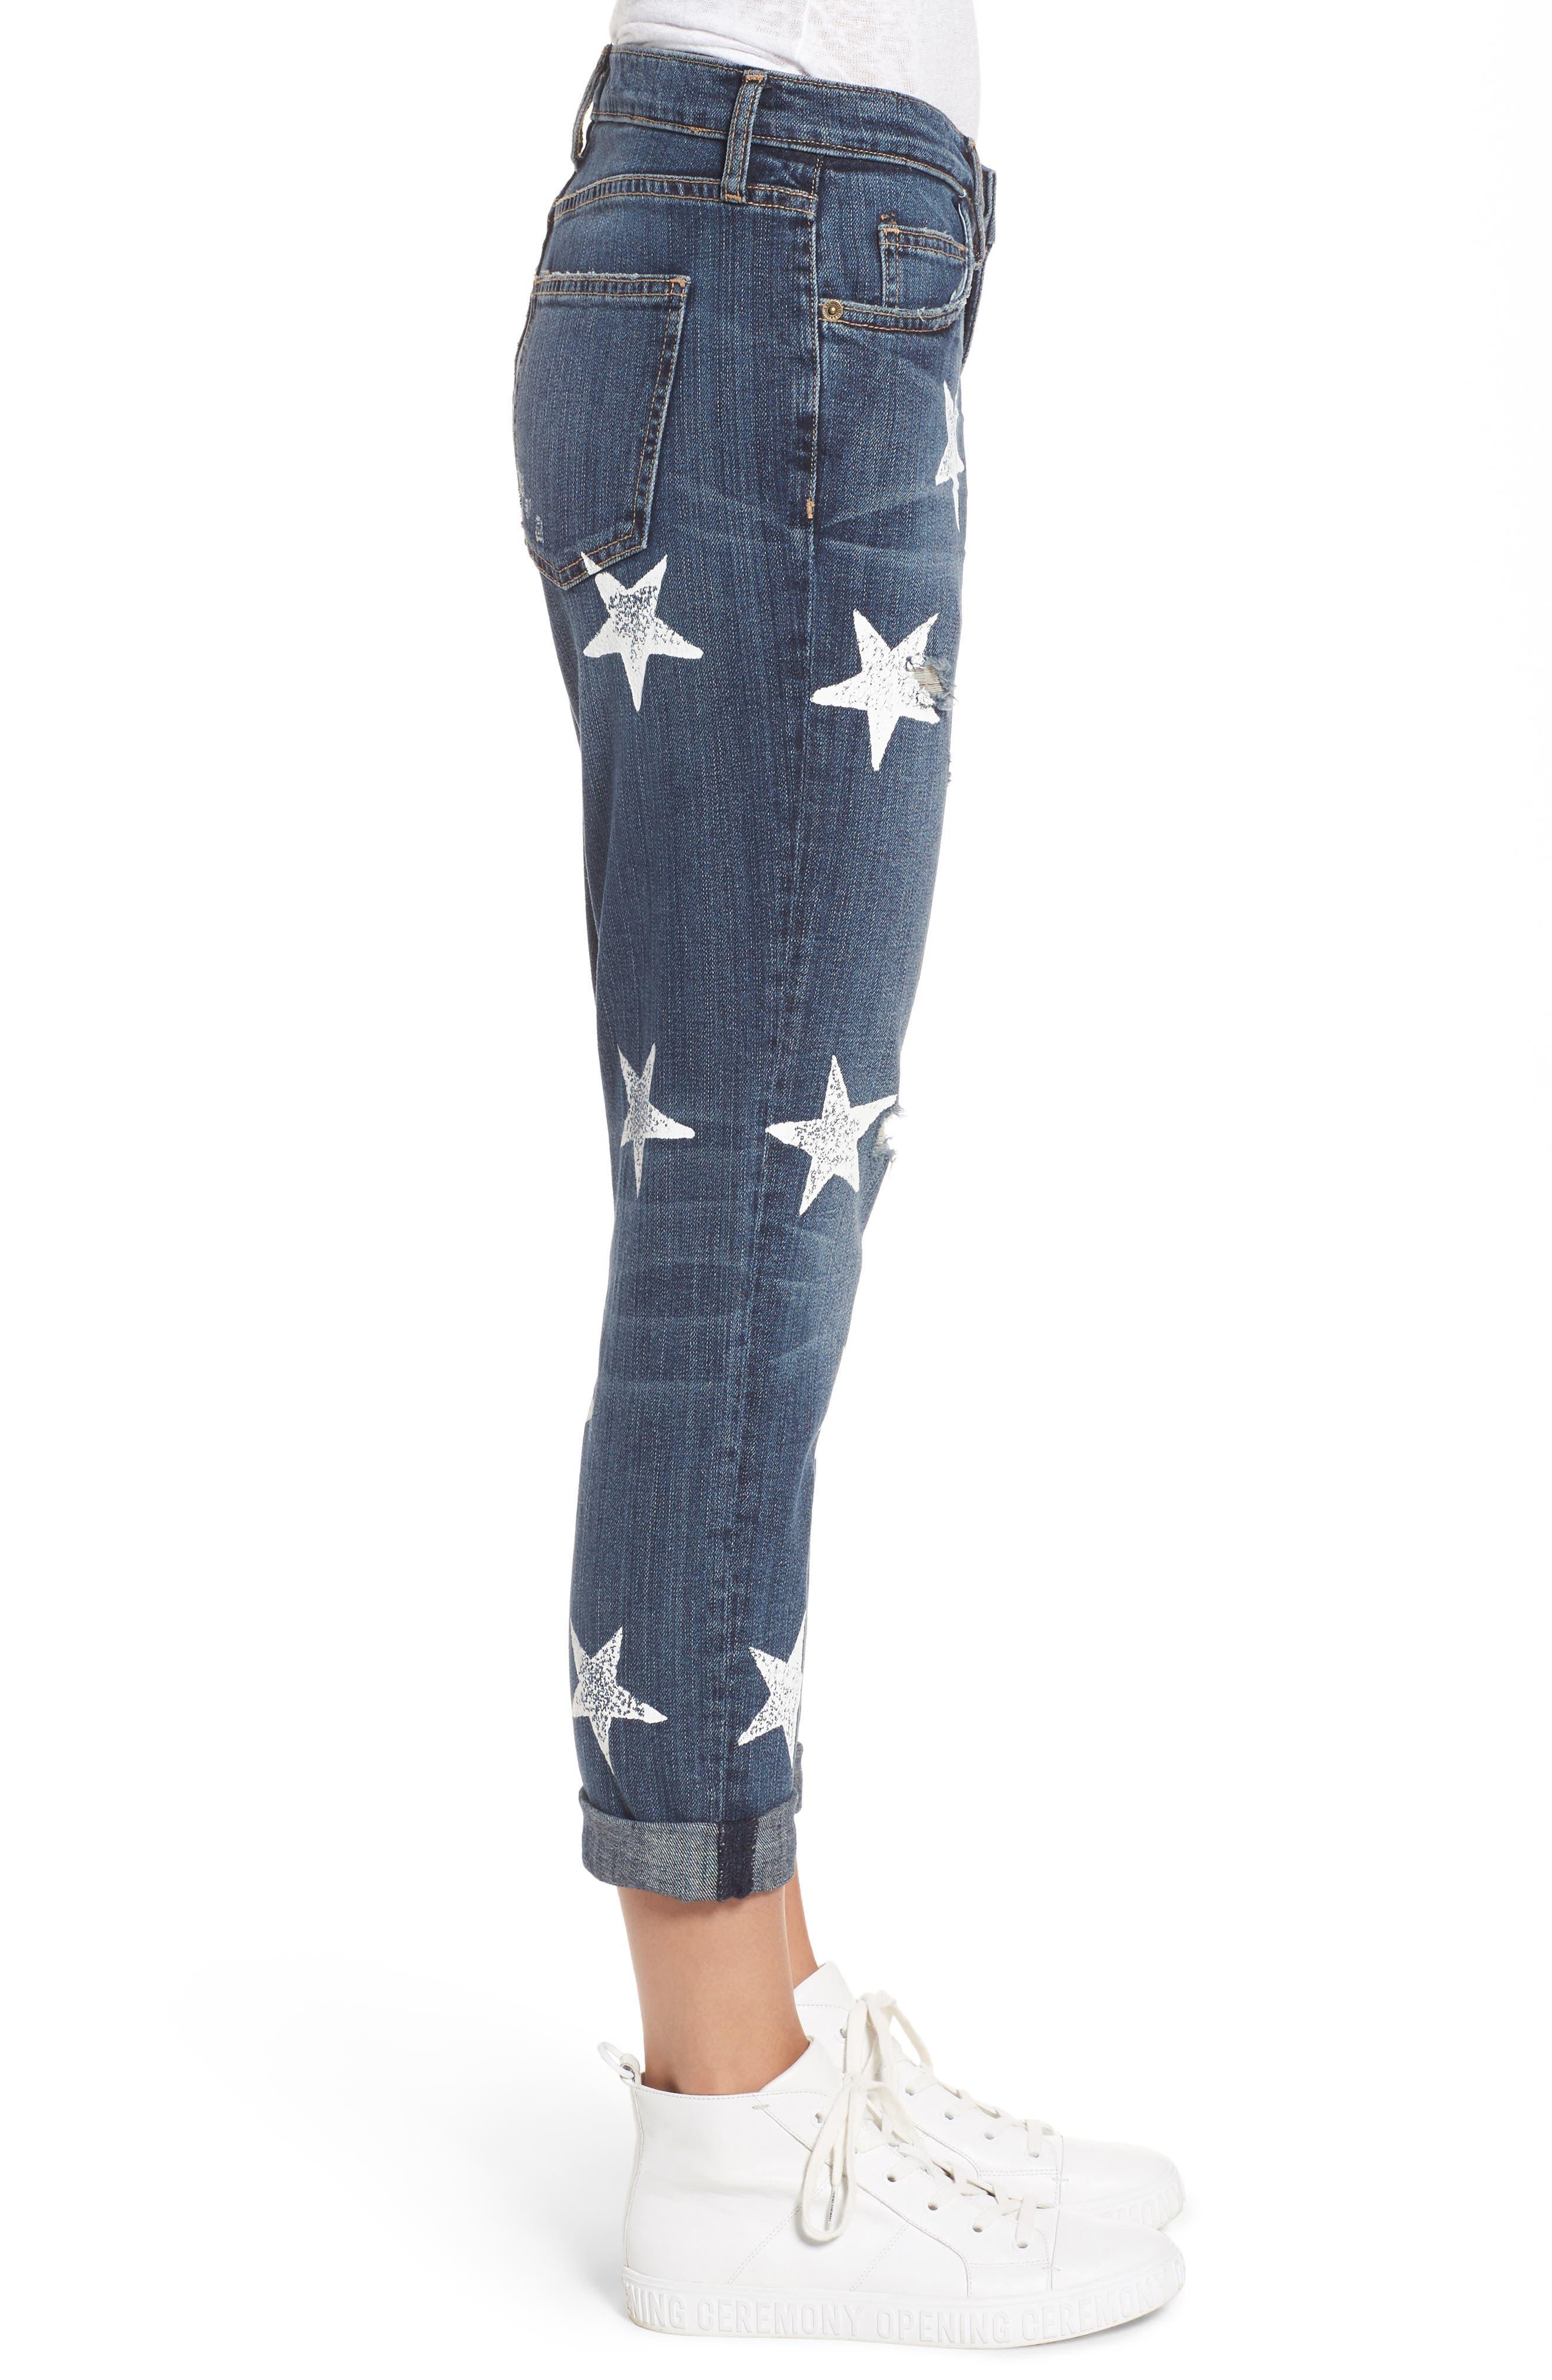 The Fling High Waist Boyfriend Jeans,                             Alternate thumbnail 3, color,                             Loved Destroy/ White Stars